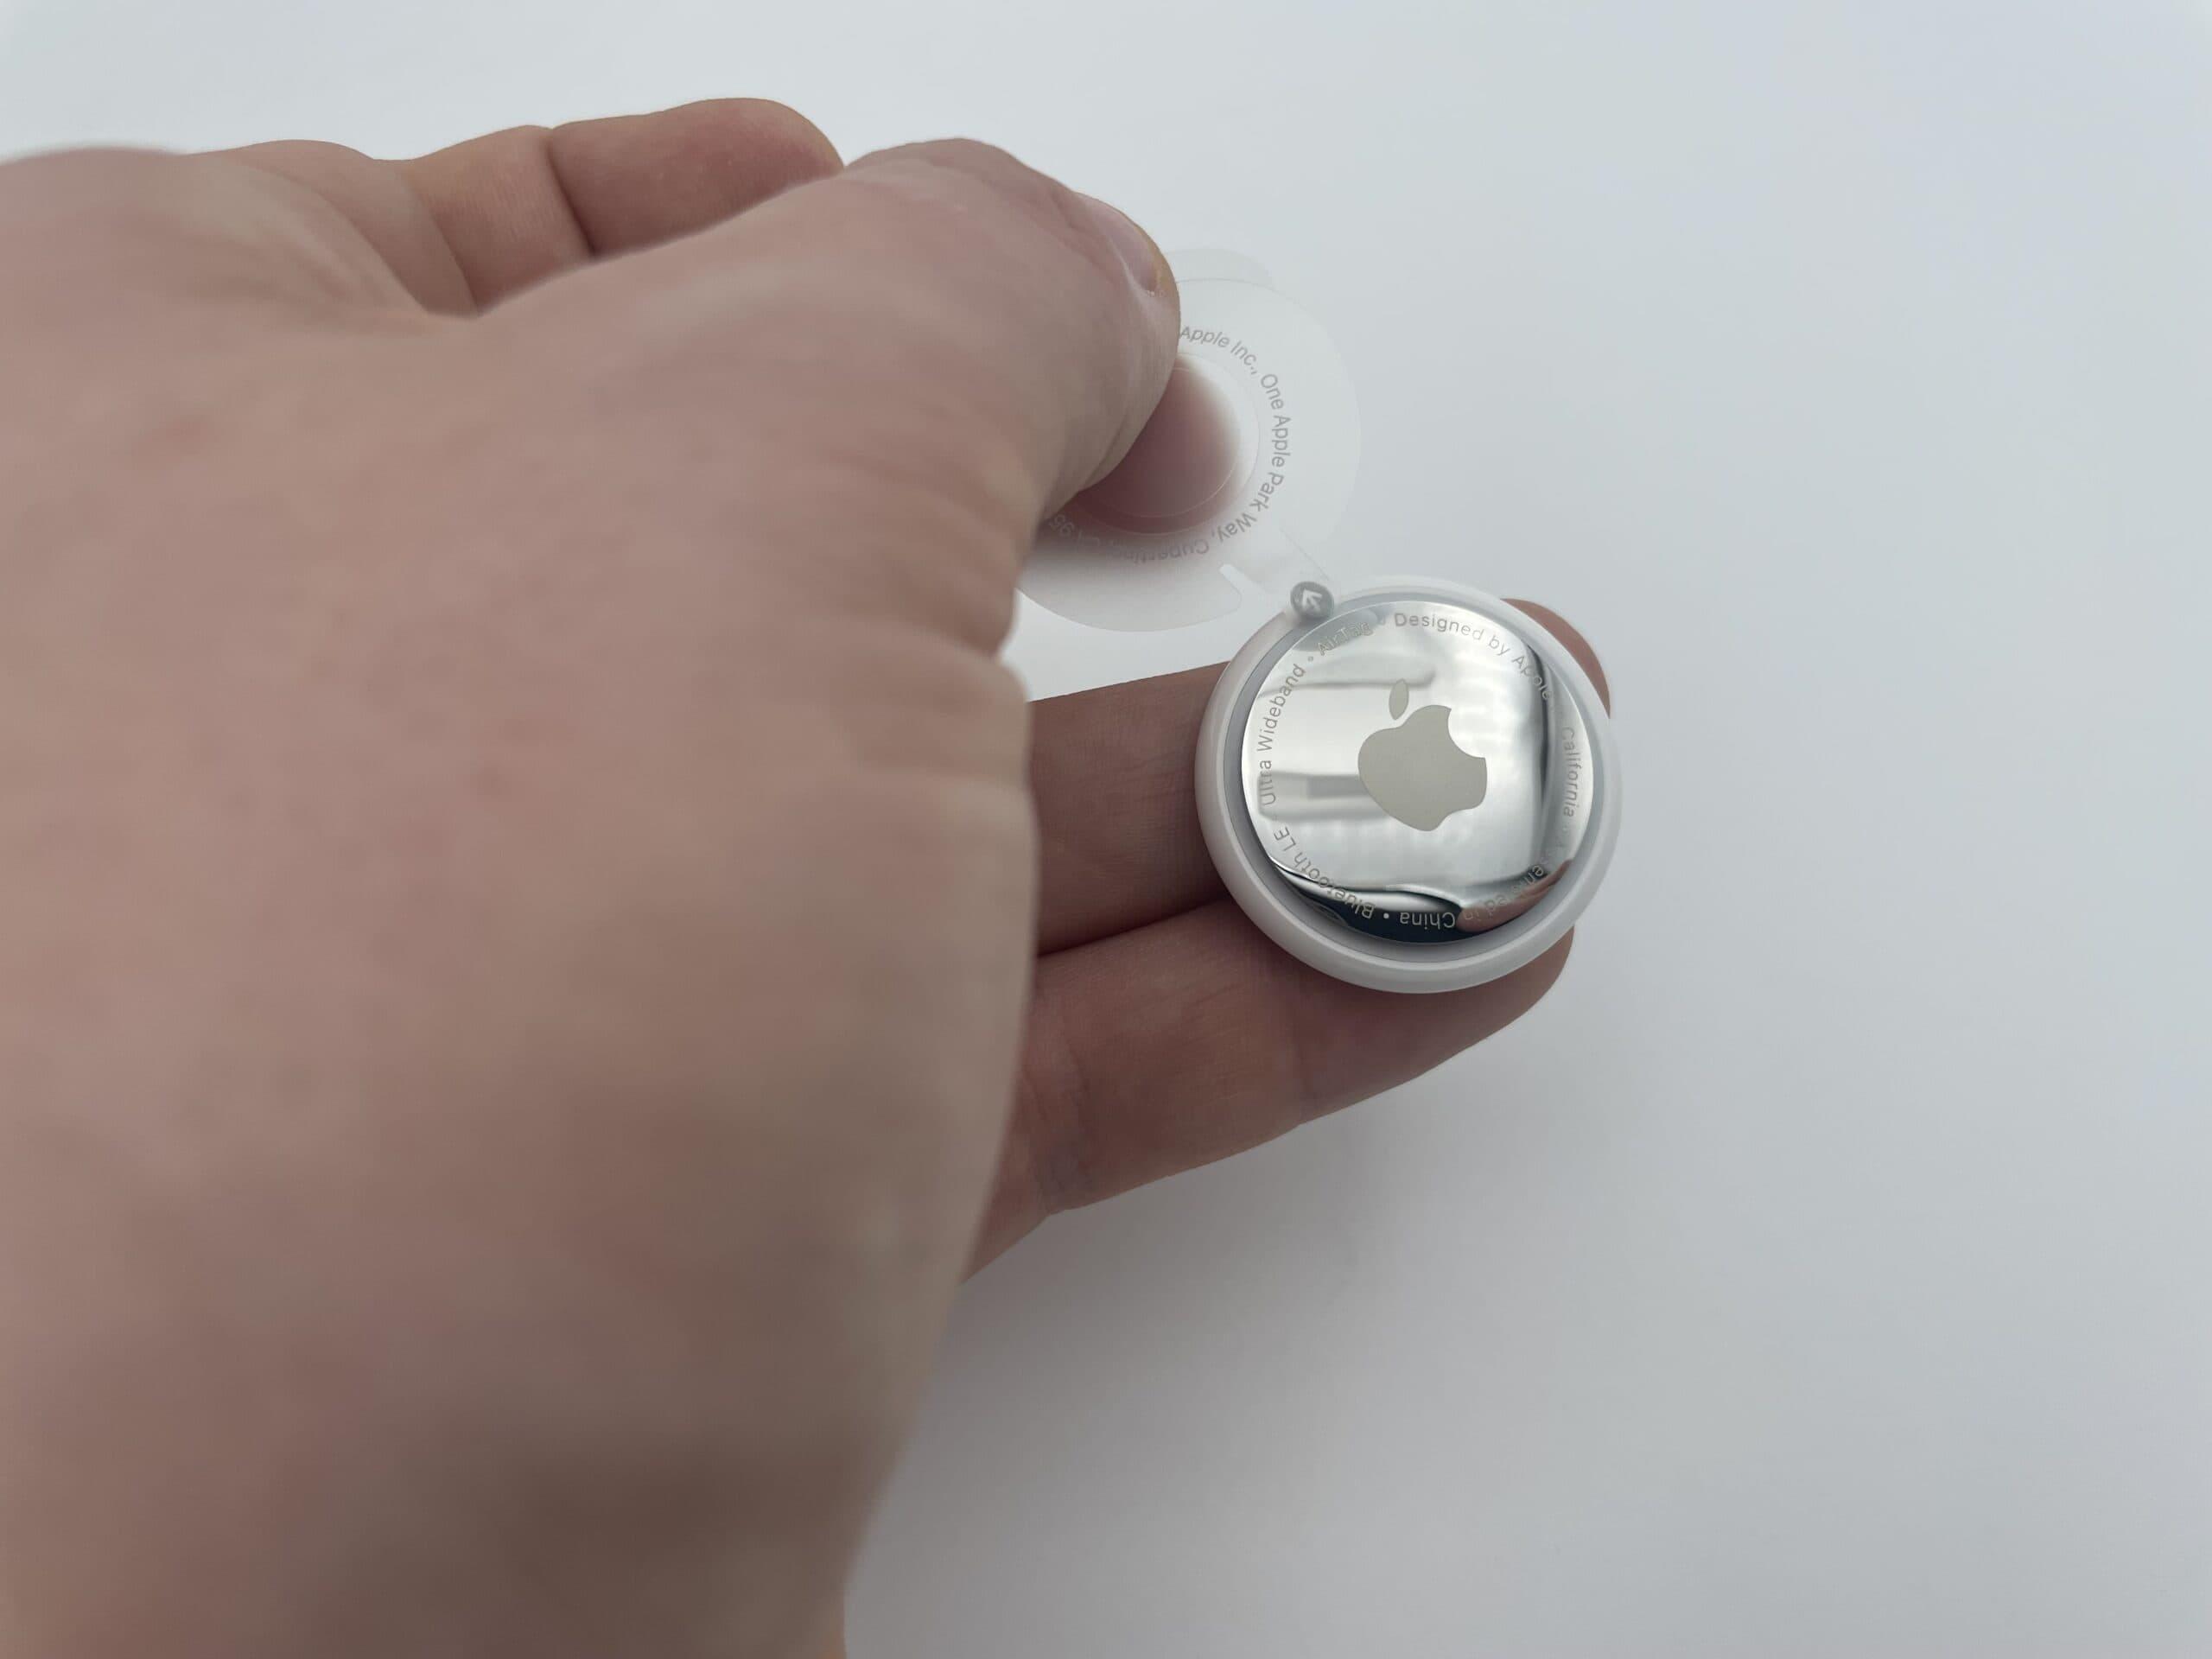 AirTag Plastik herausziehen für Batterieversorgung